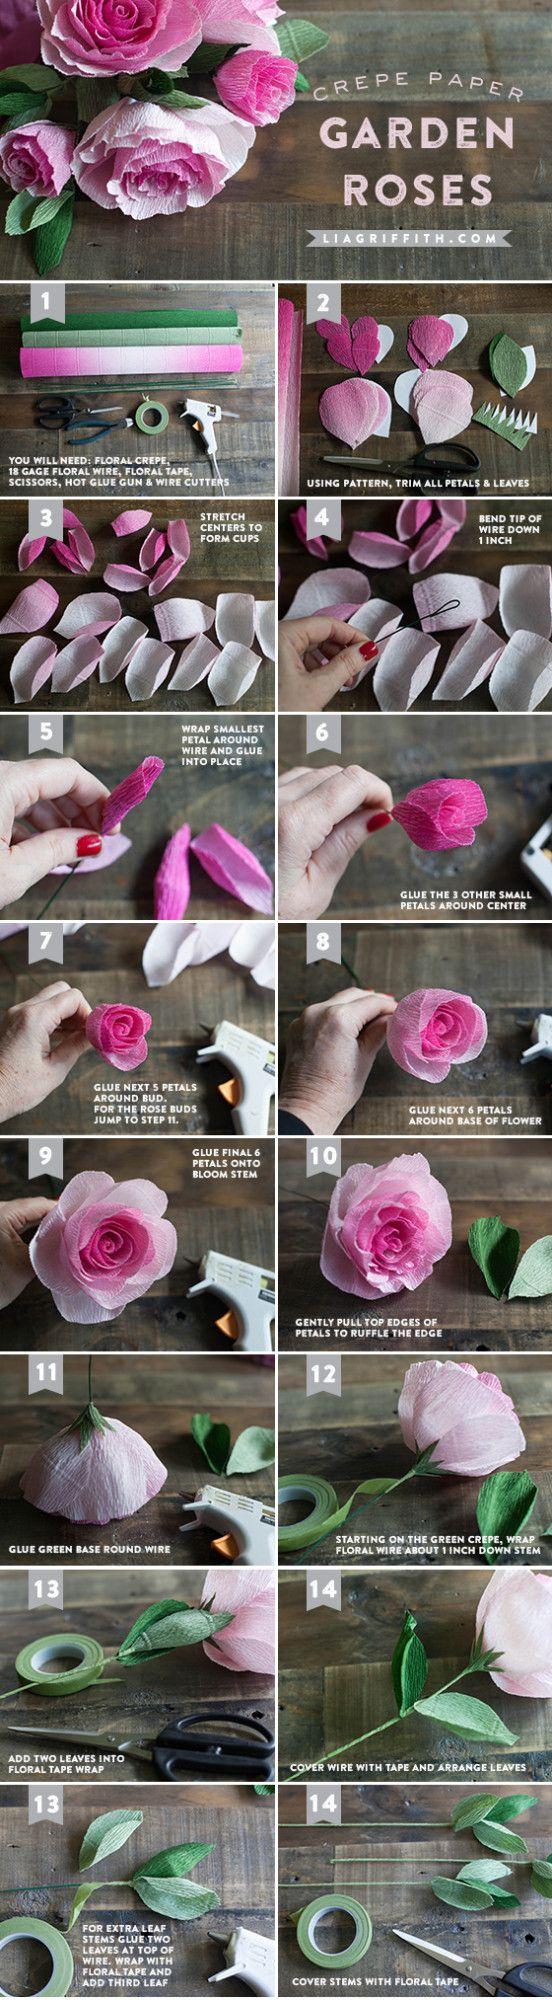 DIY Crepe Paper Garden Roses Tutorial: